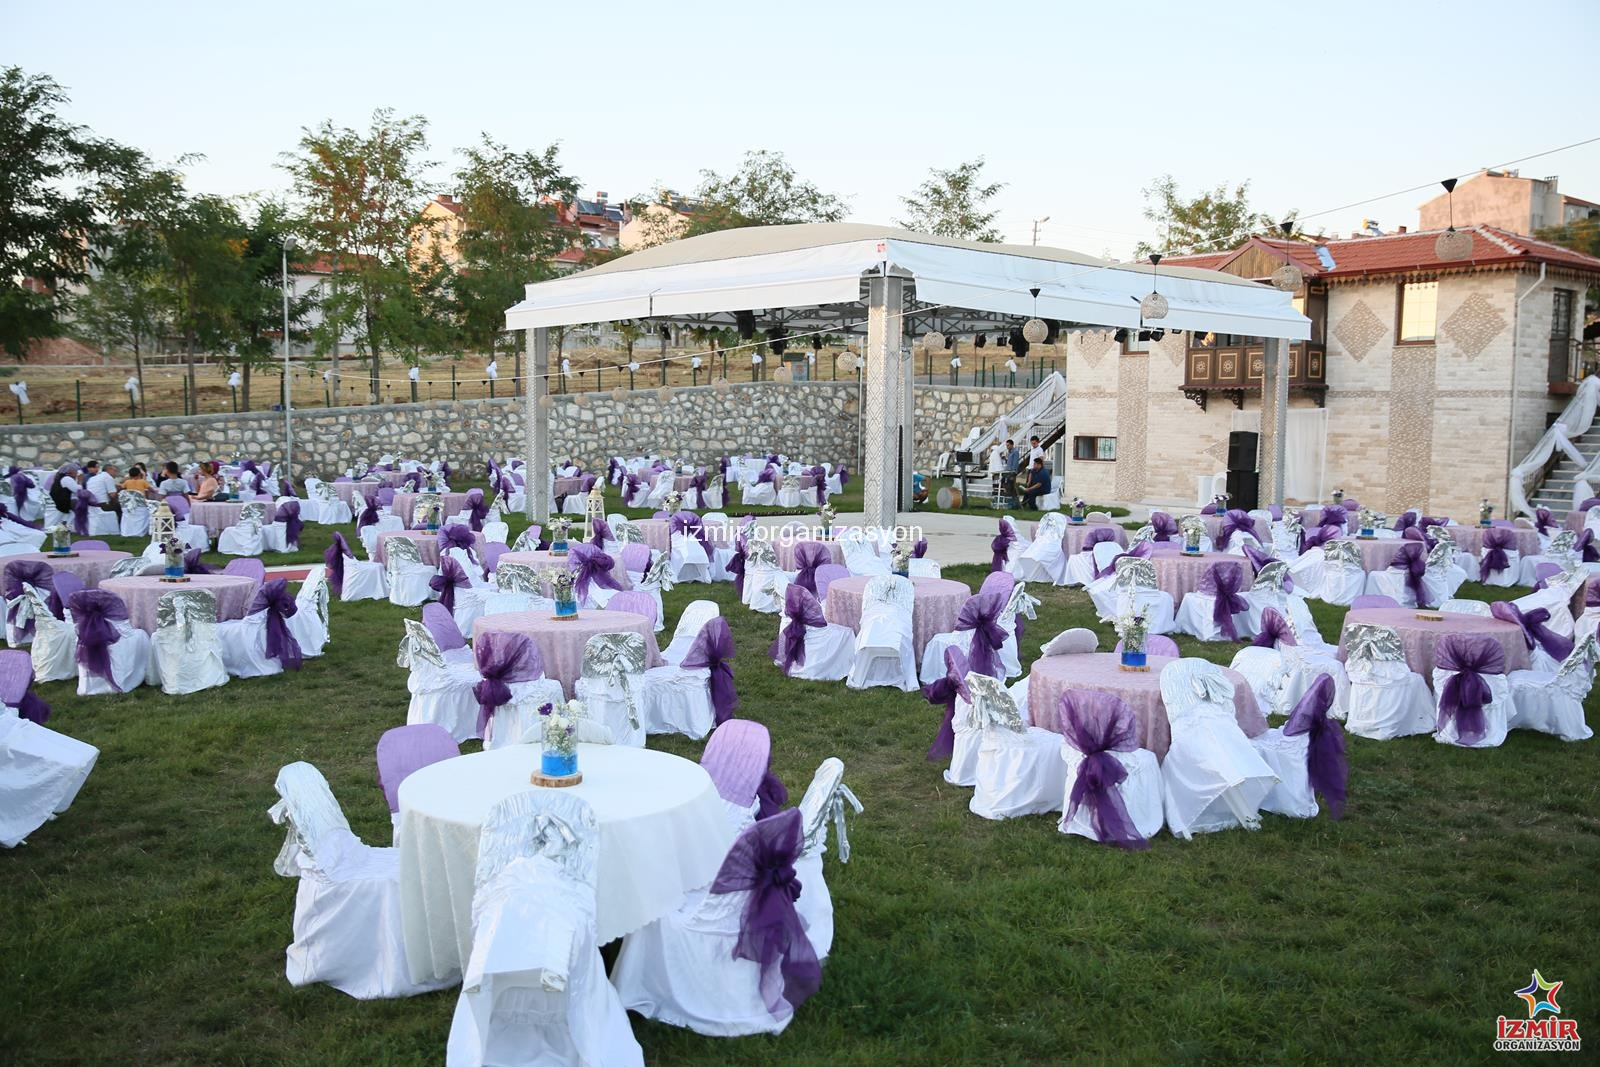 adcecf72e İzmir Kır Düğünü Organizasyonu - İzmir Düğün Organizasyonu